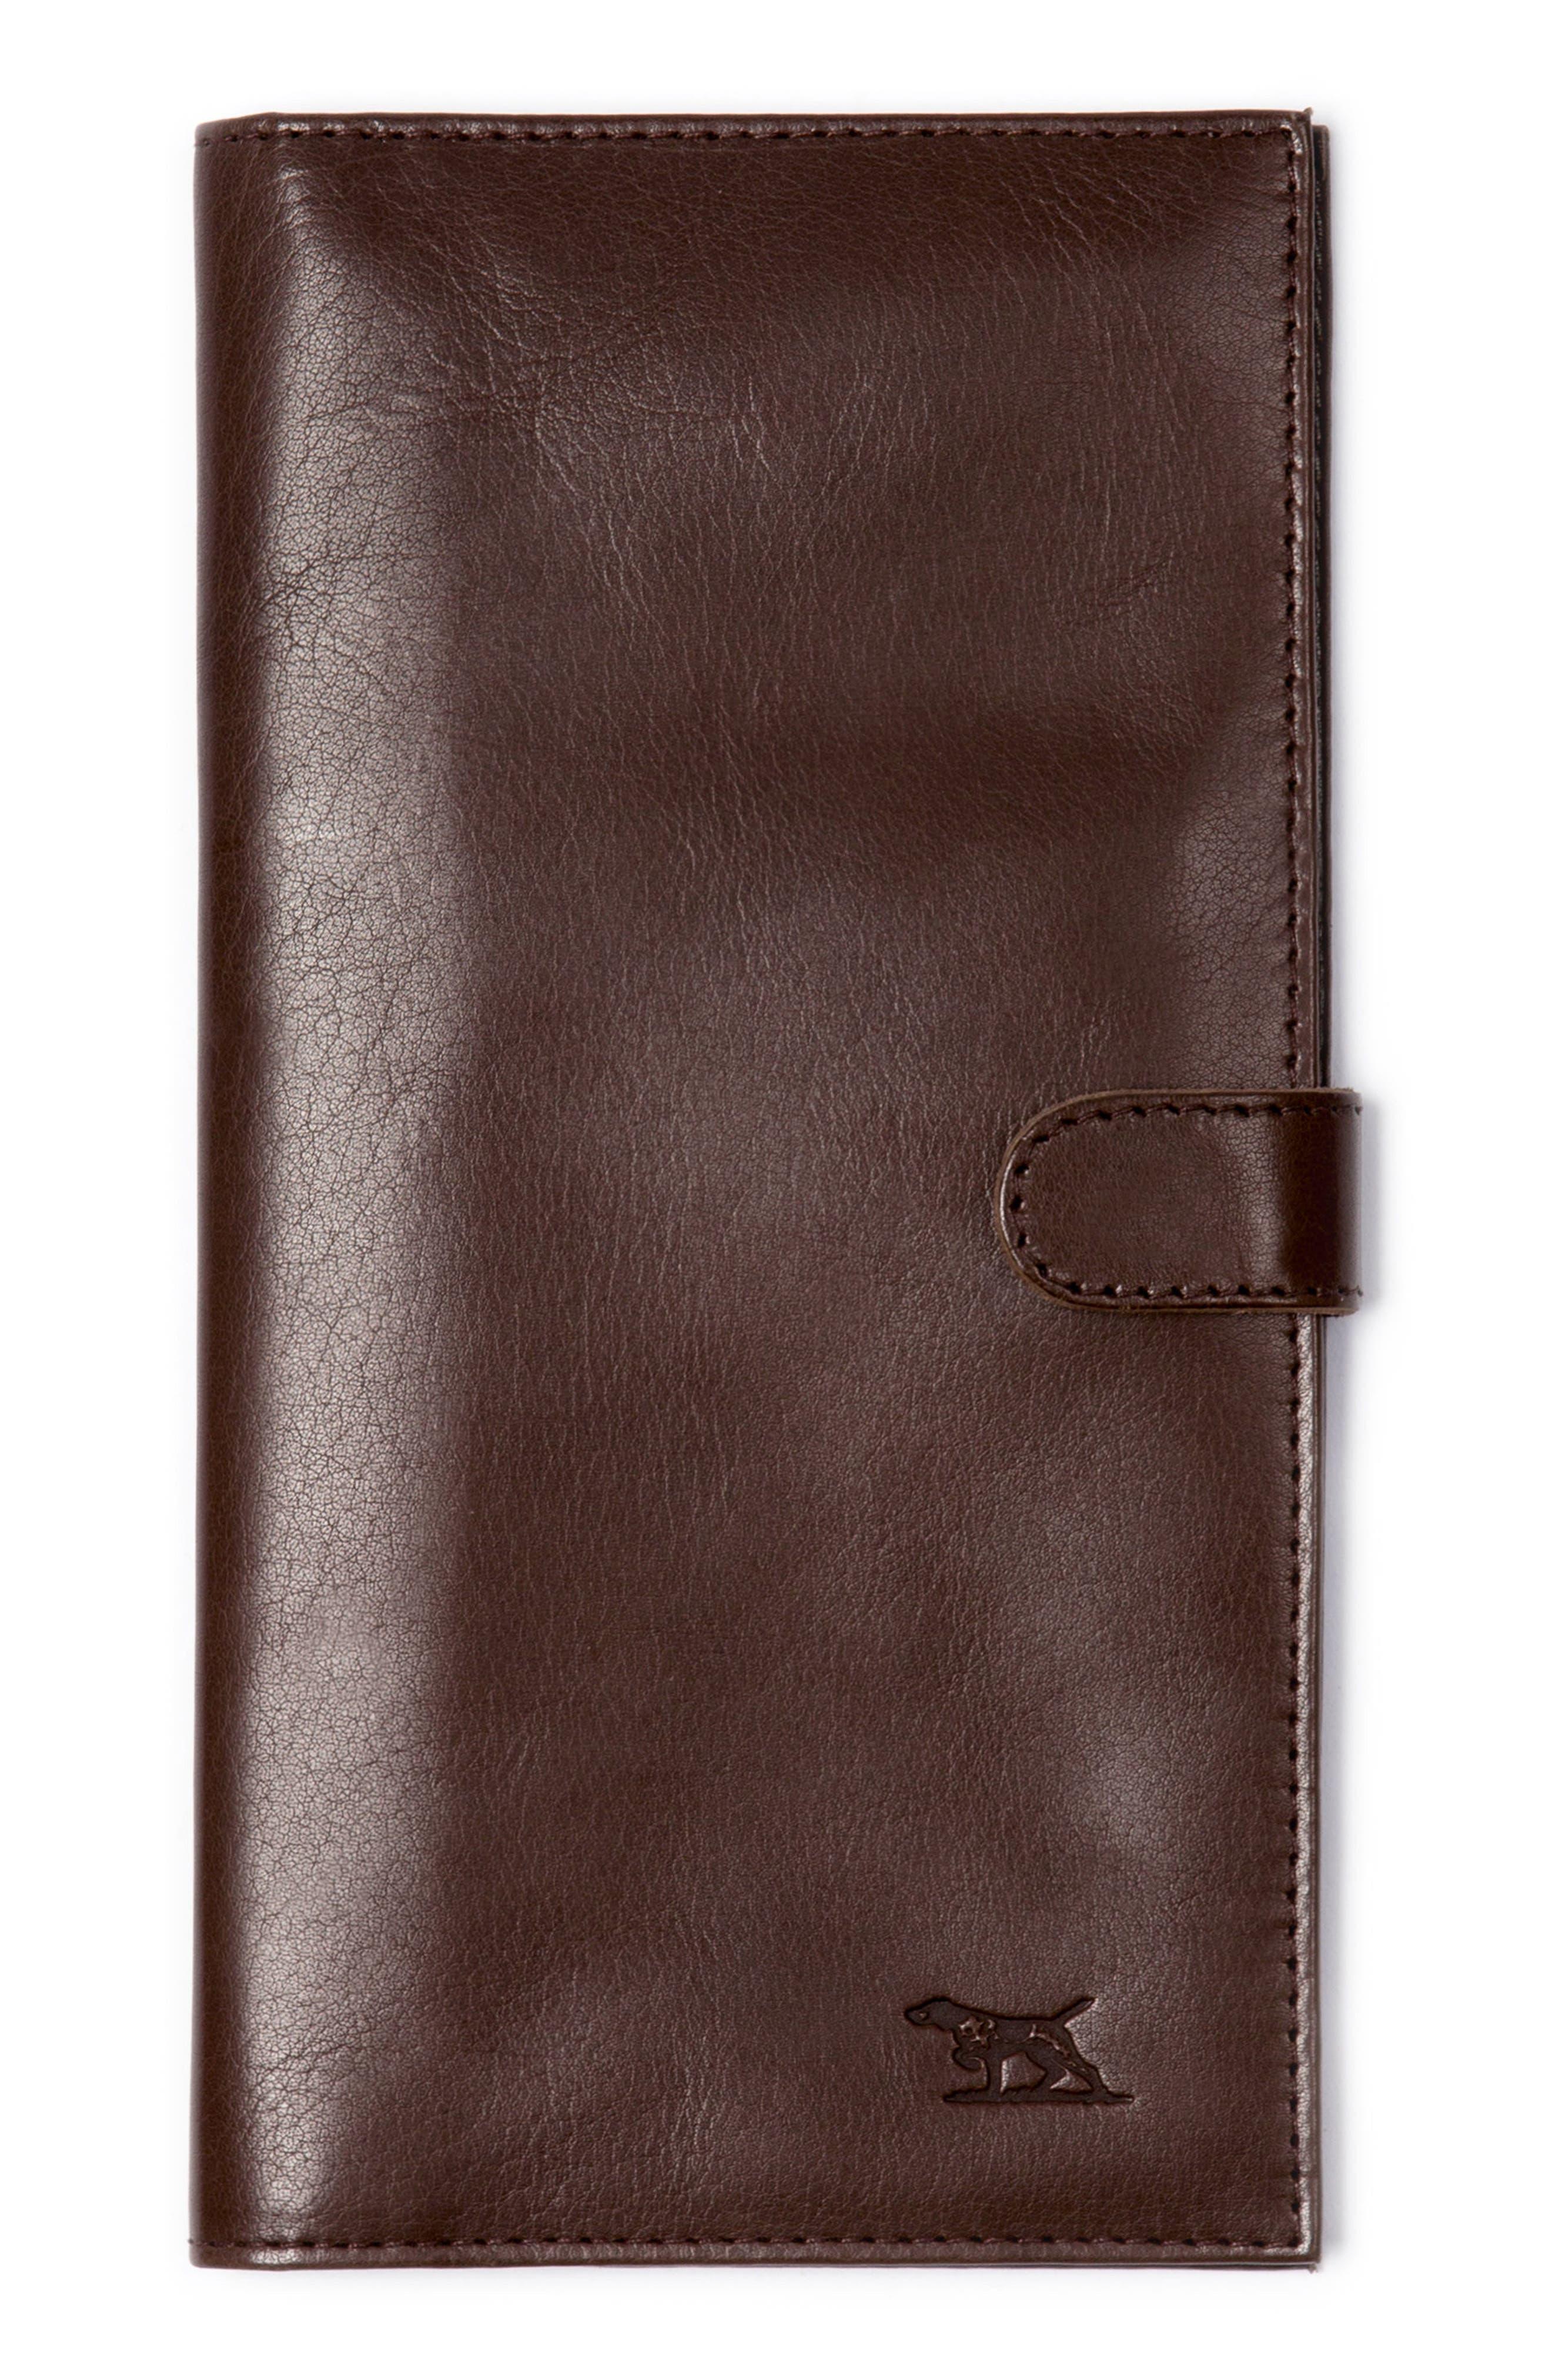 Alternate Image 1 Selected - Rodd & Gunn Tom Pearce Travel Wallet